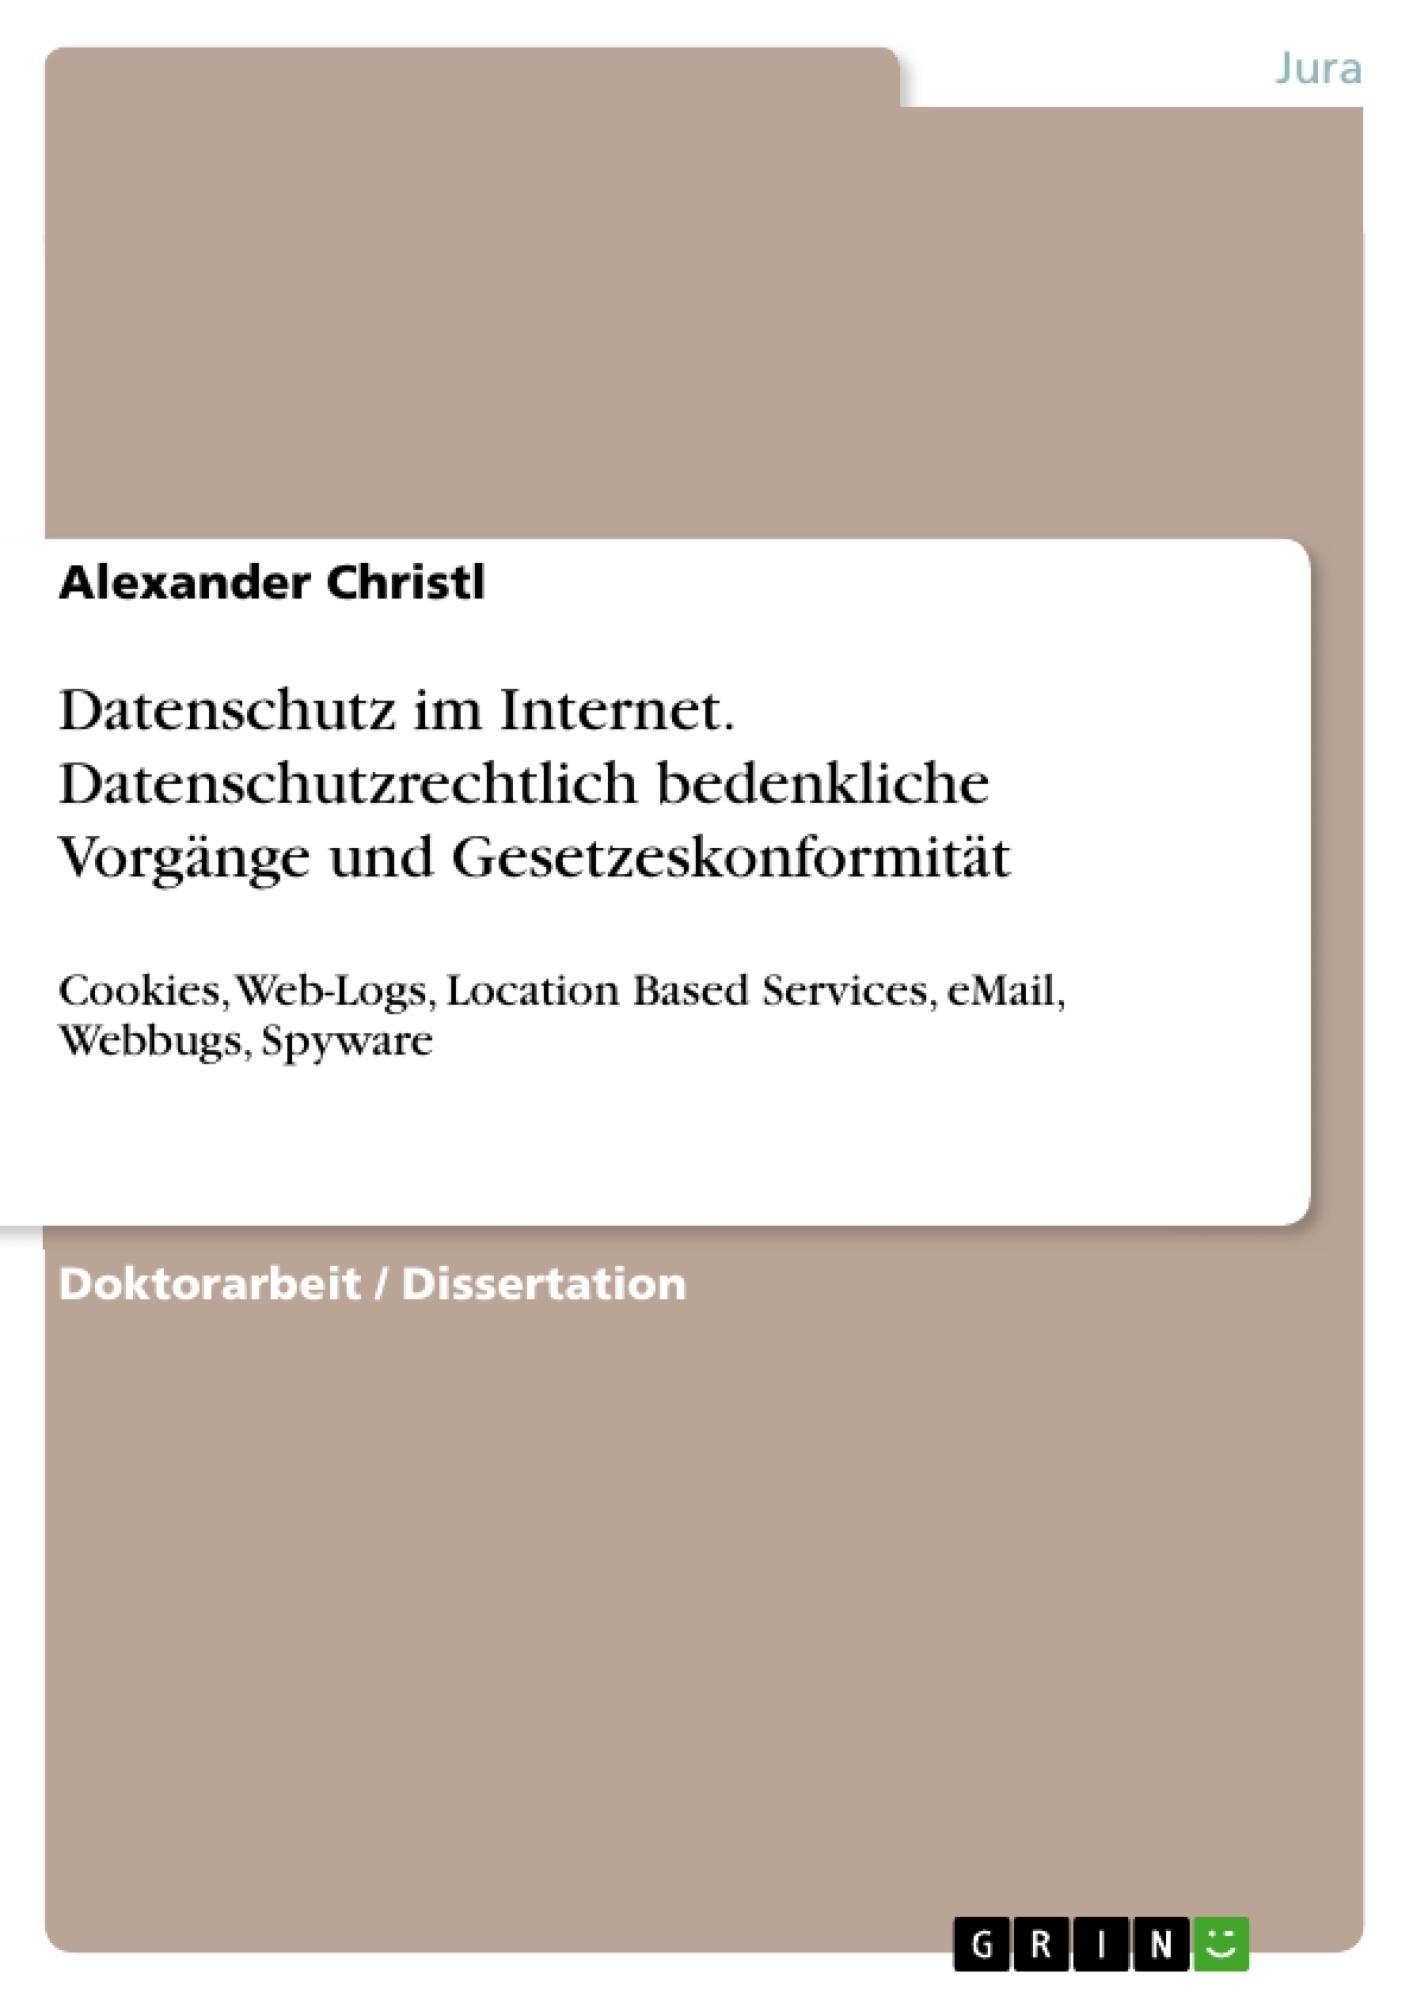 Titel: Datenschutz im Internet. Datenschutzrechtlich bedenkliche Vorgänge und Gesetzeskonformität